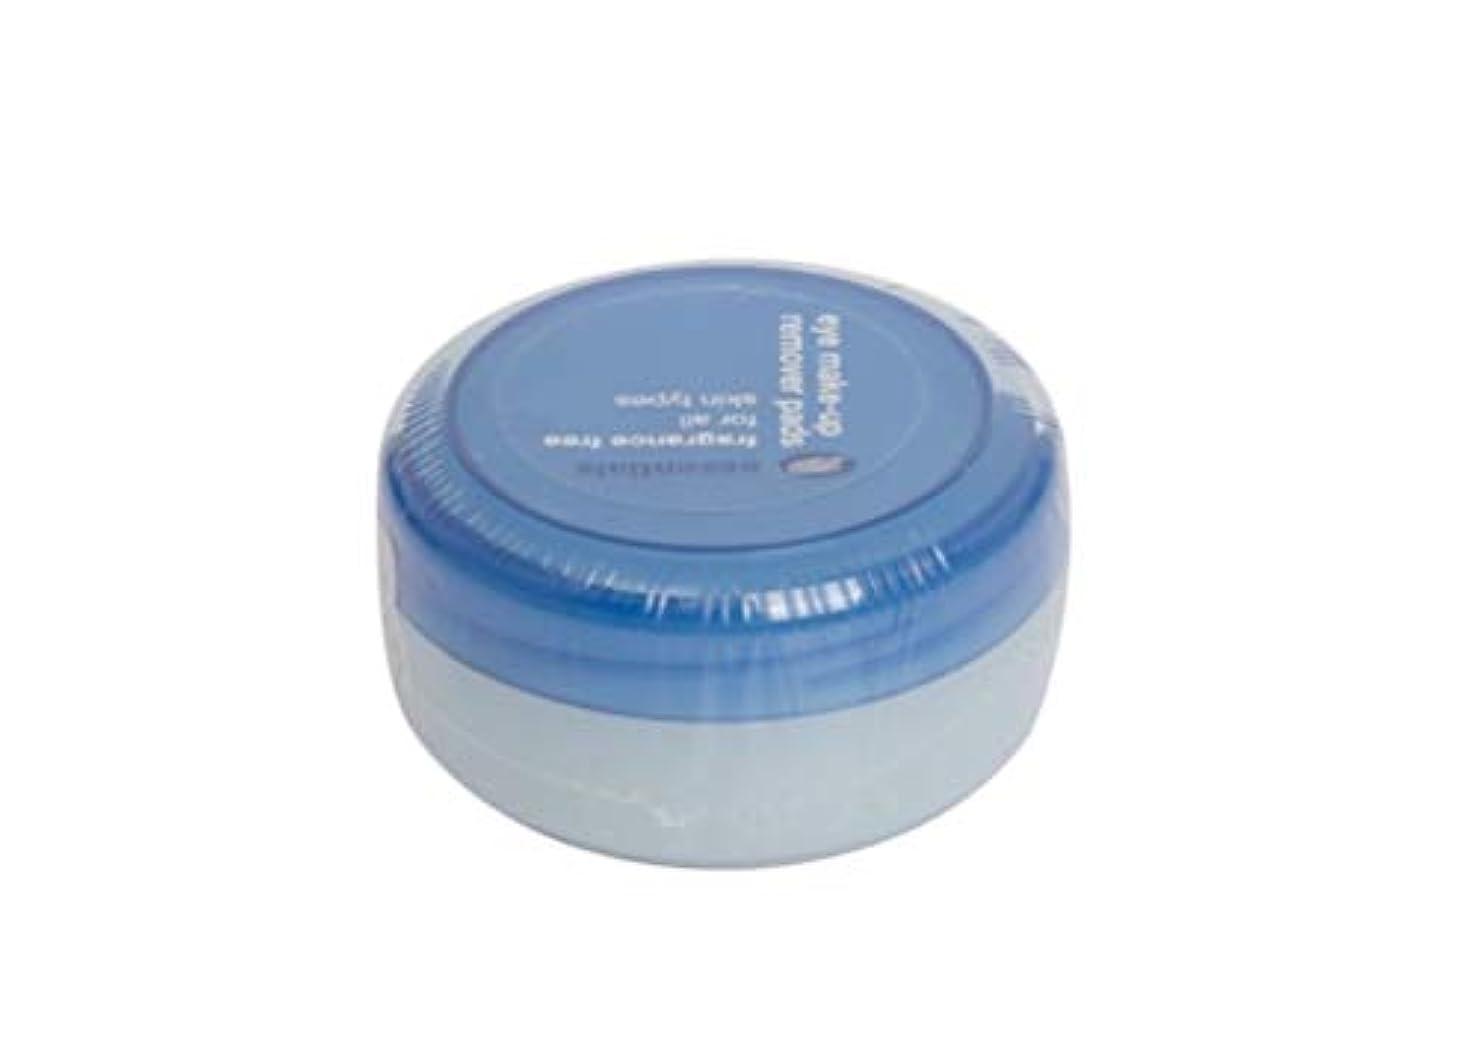 薄汚い主に現実にはessentials☆アイメイクリムーバーパット40枚入り(無香)eye make-up remover pads 40pcs(fragrance free)[並行輸入品]